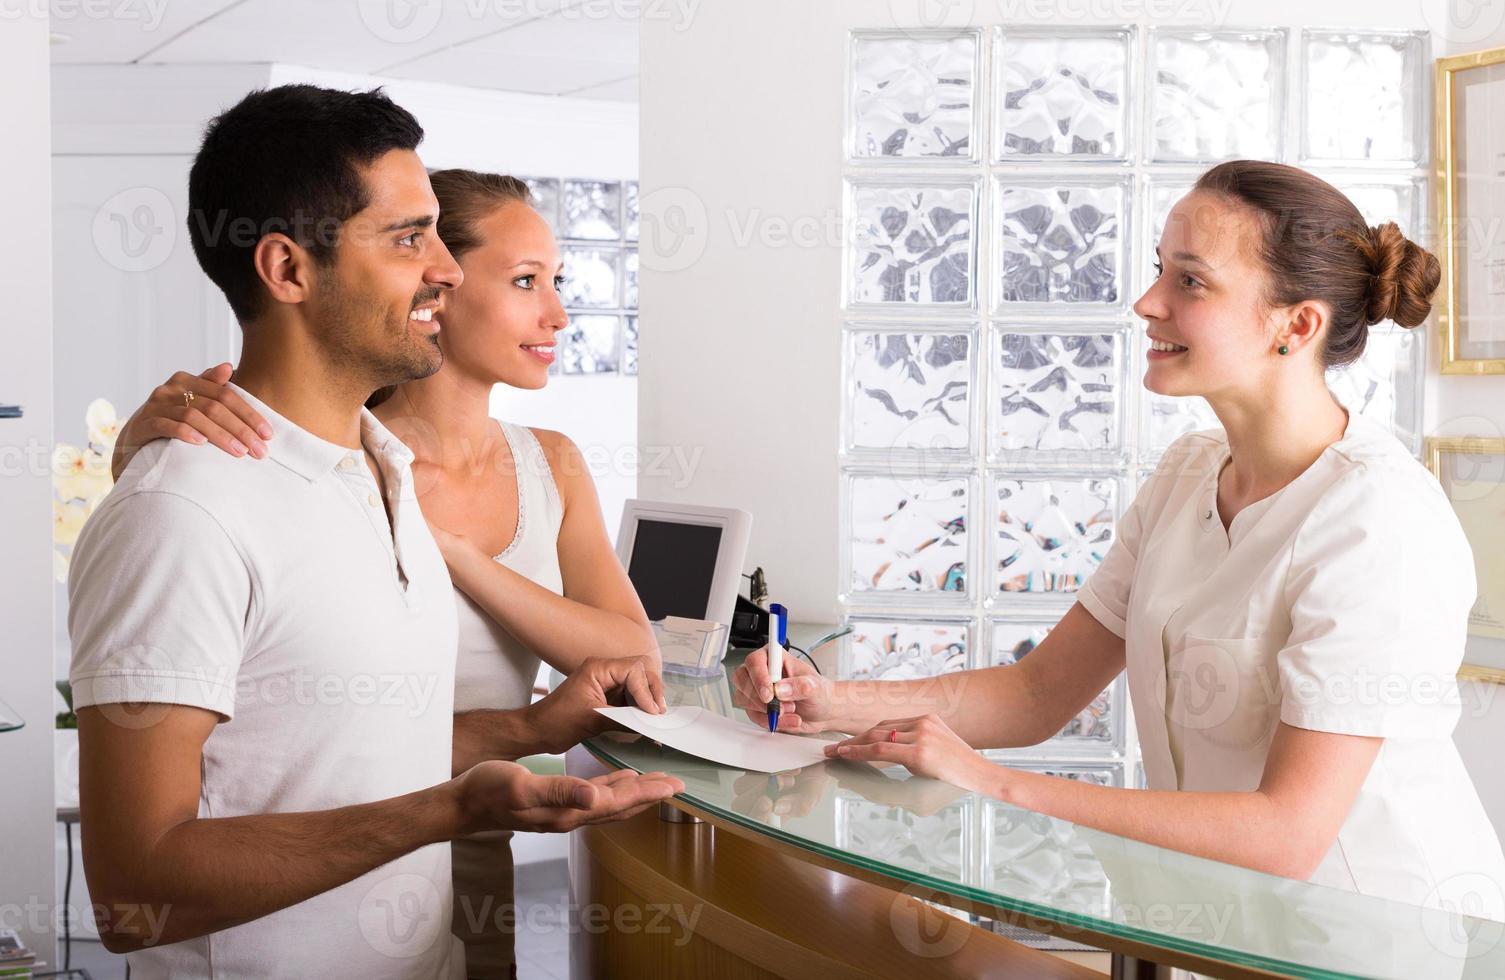 pareja con recepcionista en clínica foto